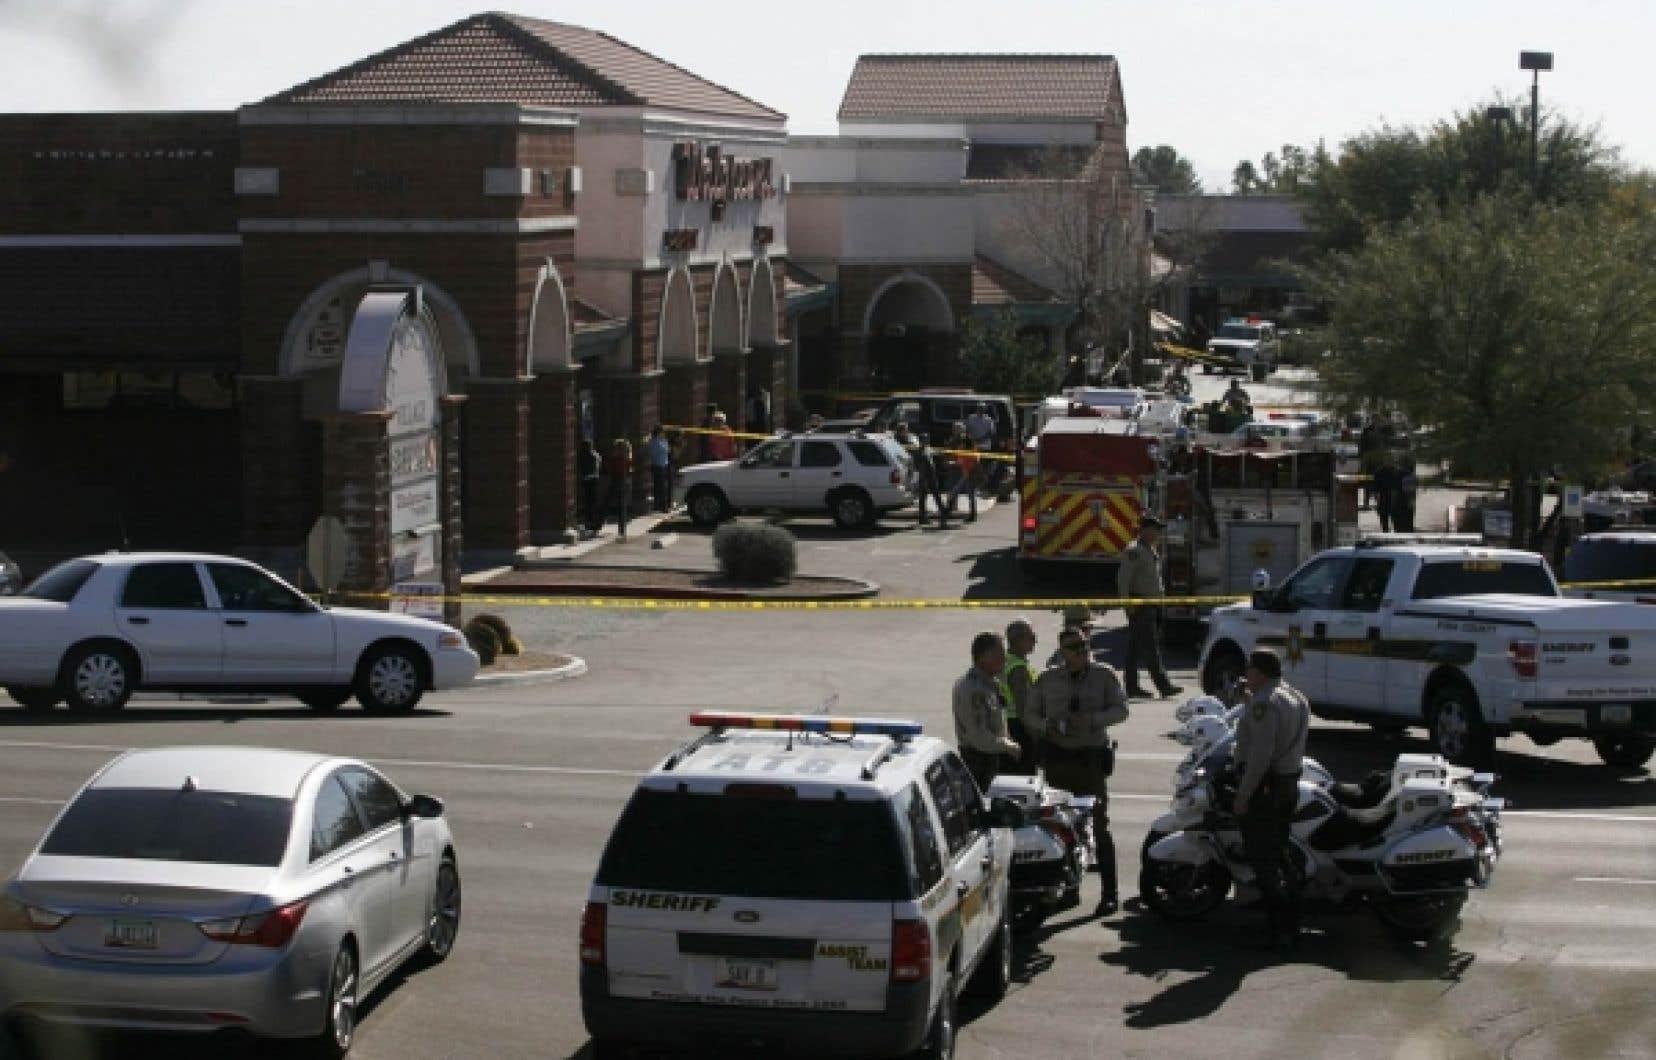 Le 8 janvier dernier, la tuerie de Tucson, en Arizona, venait s'ajouter à une liste déjà longue d'attentats perpétrés à l'aide d'armes à feu au cours des dernières années aux États-Unis.